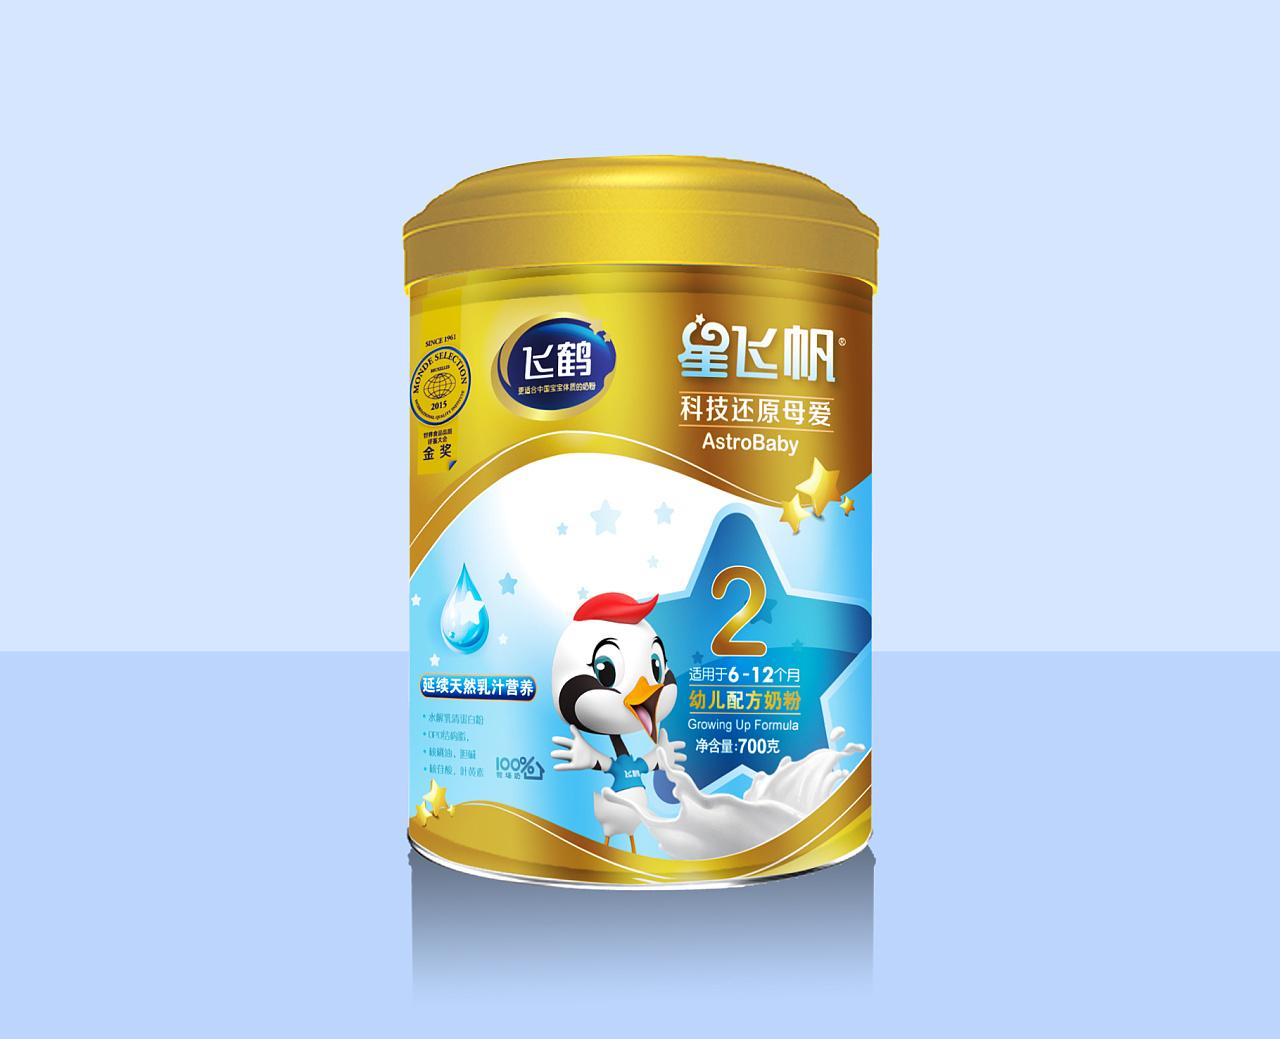 飞鹤哪个奶粉调理肠胃 专门调理肠胃的奶粉